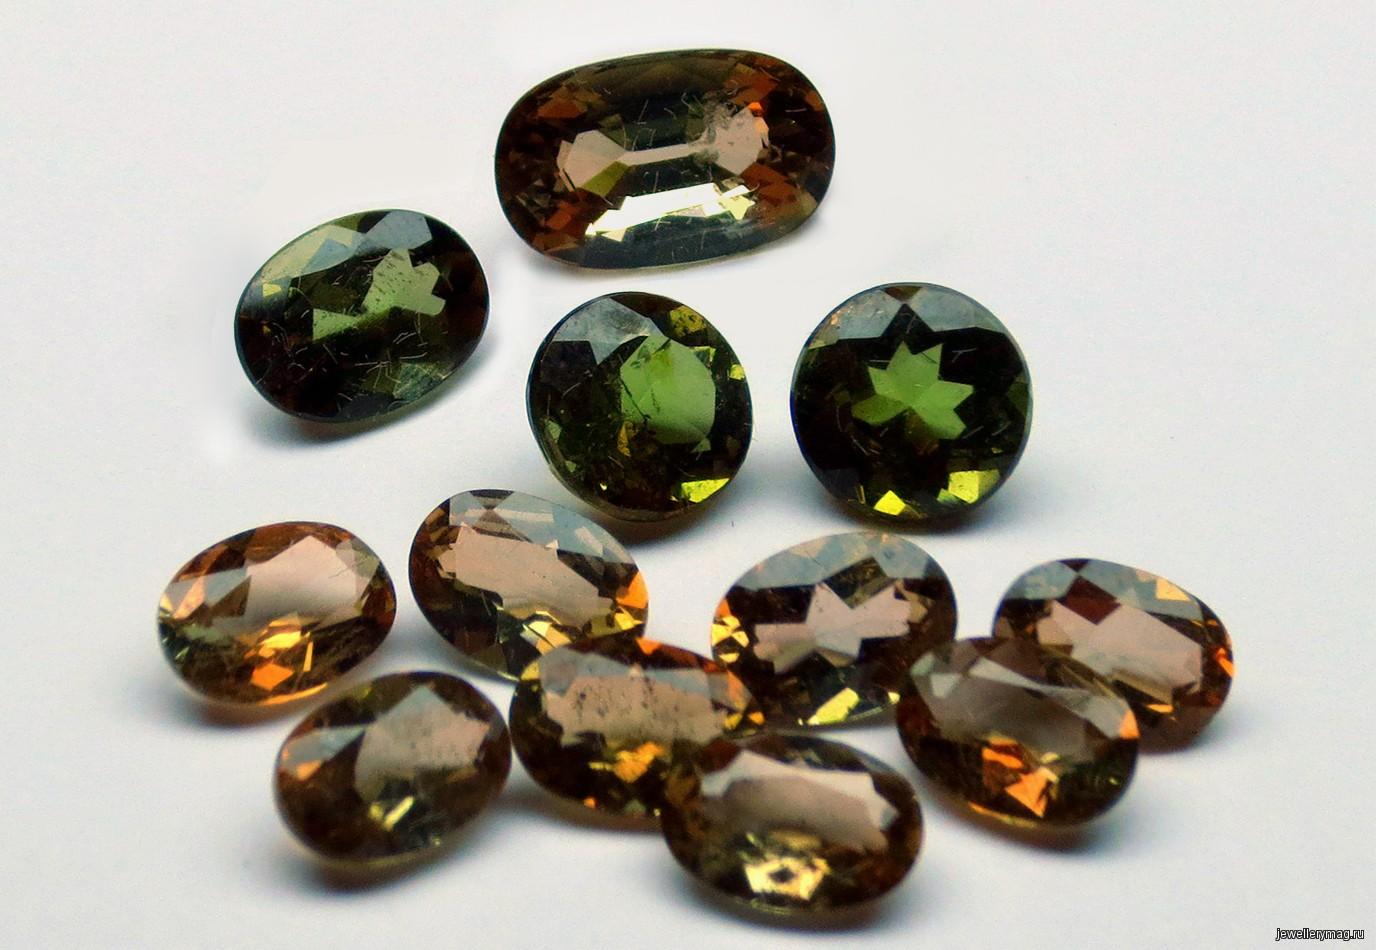 Лечебные свойства Андалузит, Магические свойства Андалузита